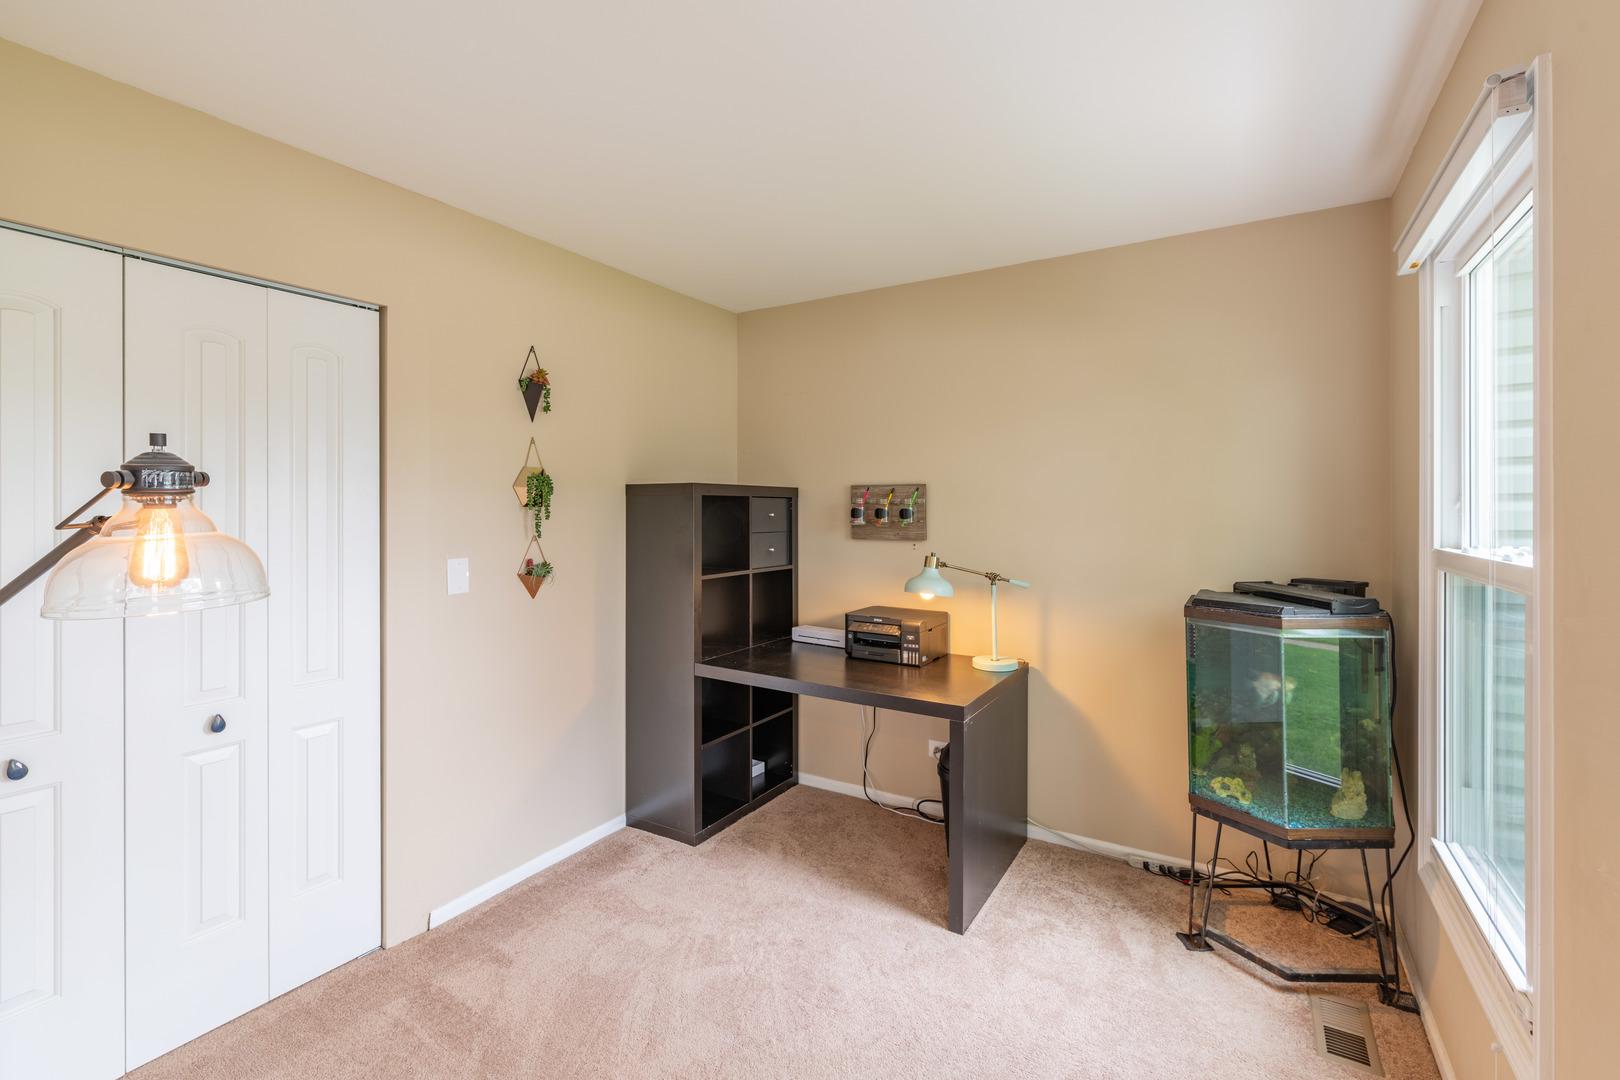 371 TANOAK, BARTLETT, Illinois, 60103